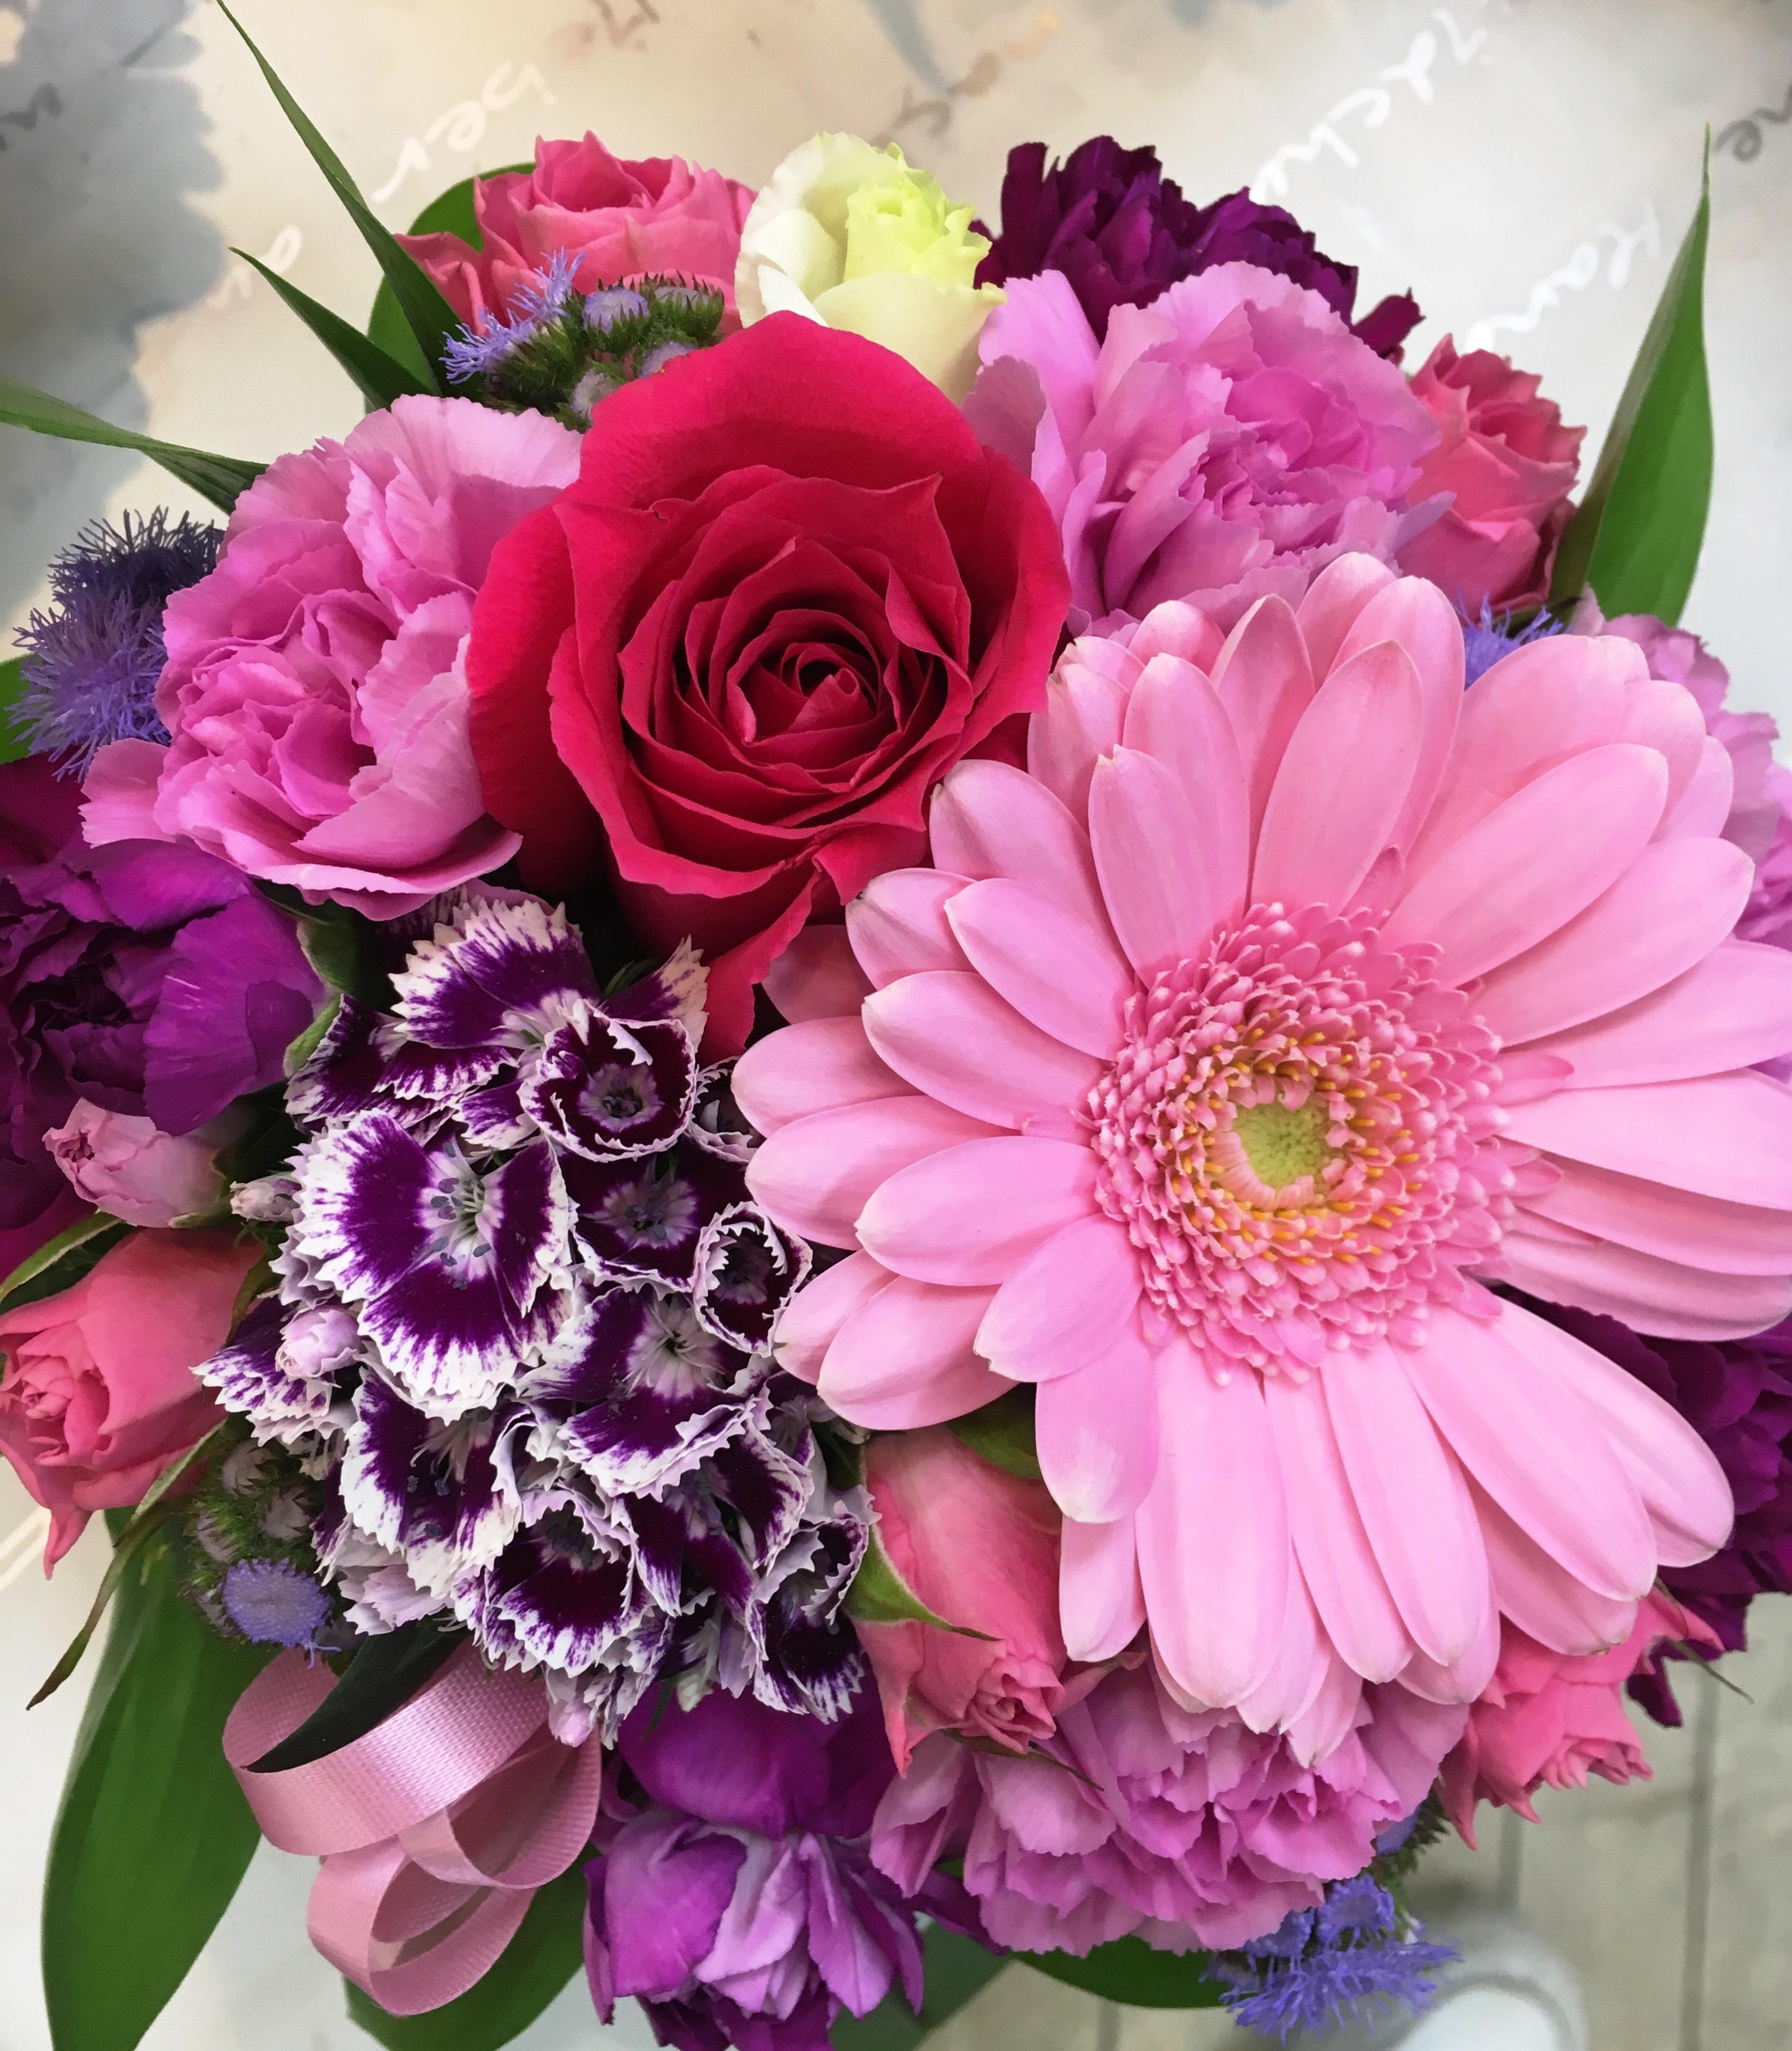 横浜市関内へ壺花を即日当日配達しました!【横浜花屋の花束・スタンド花・胡蝶蘭・バルーン・アレンジメント配達事例287】